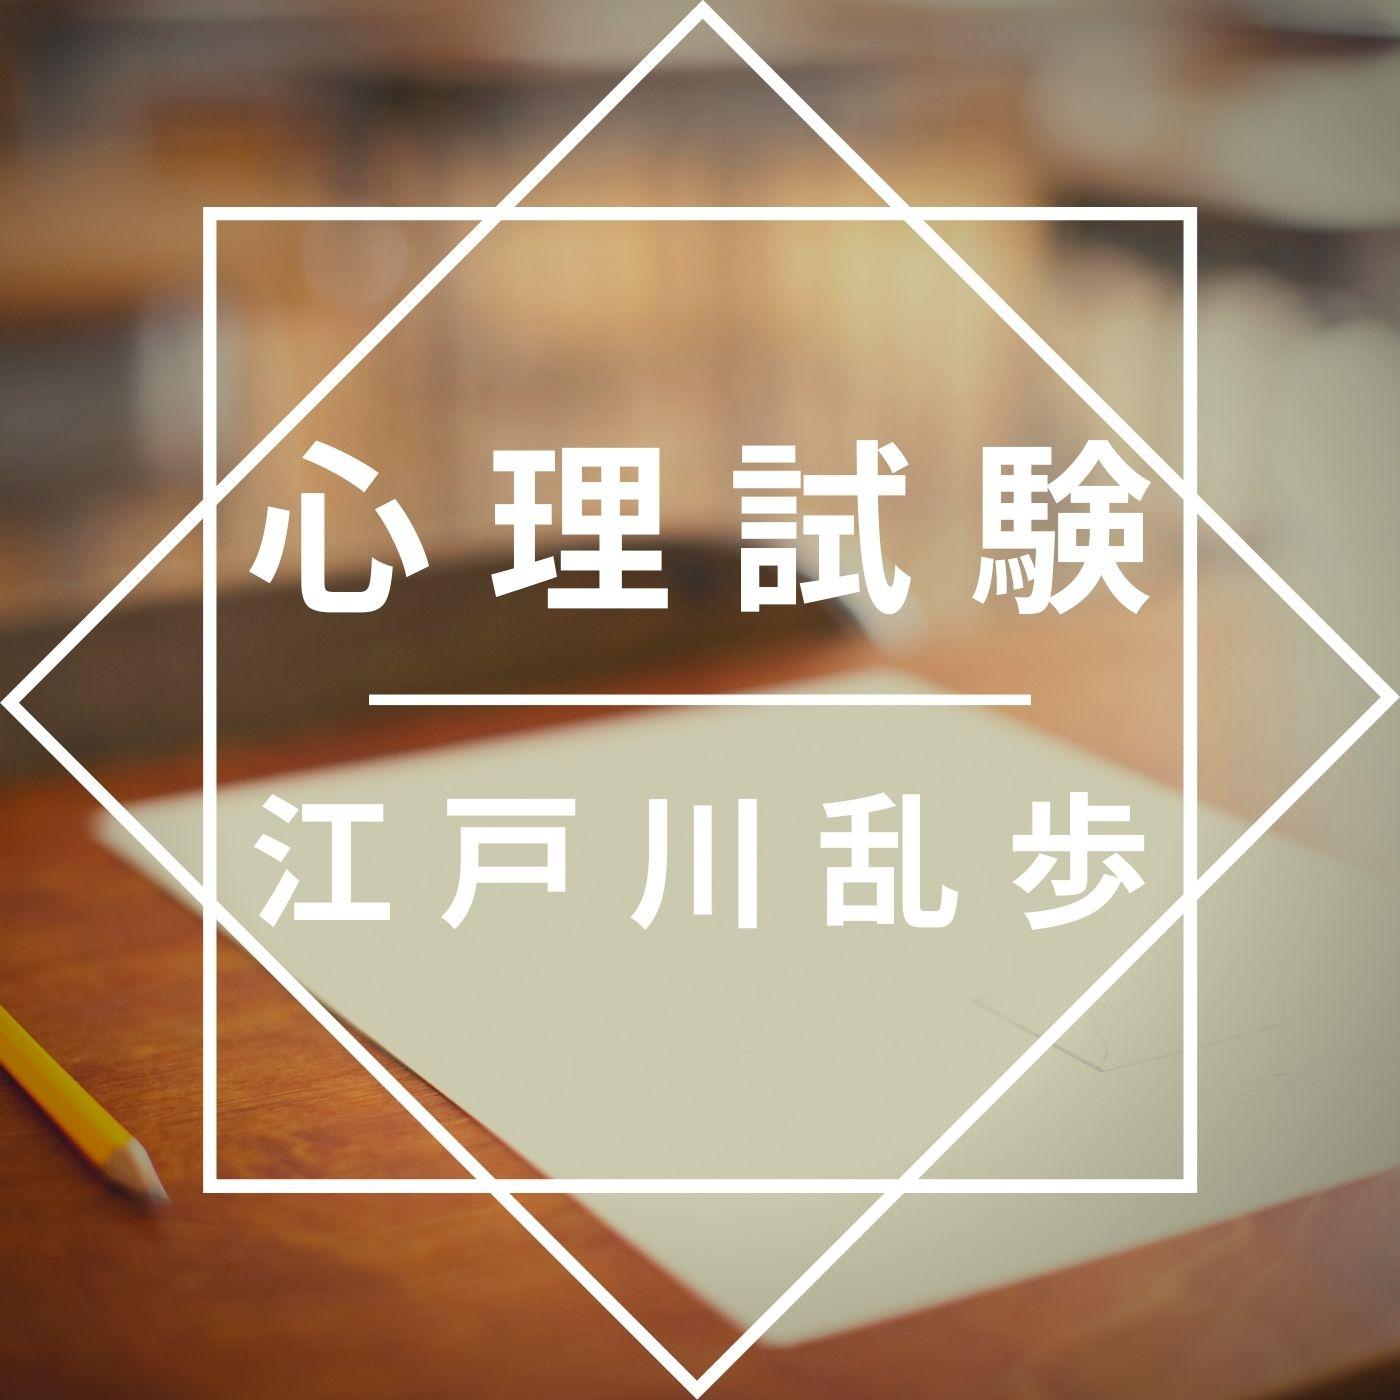 心理試験 江戸川乱歩